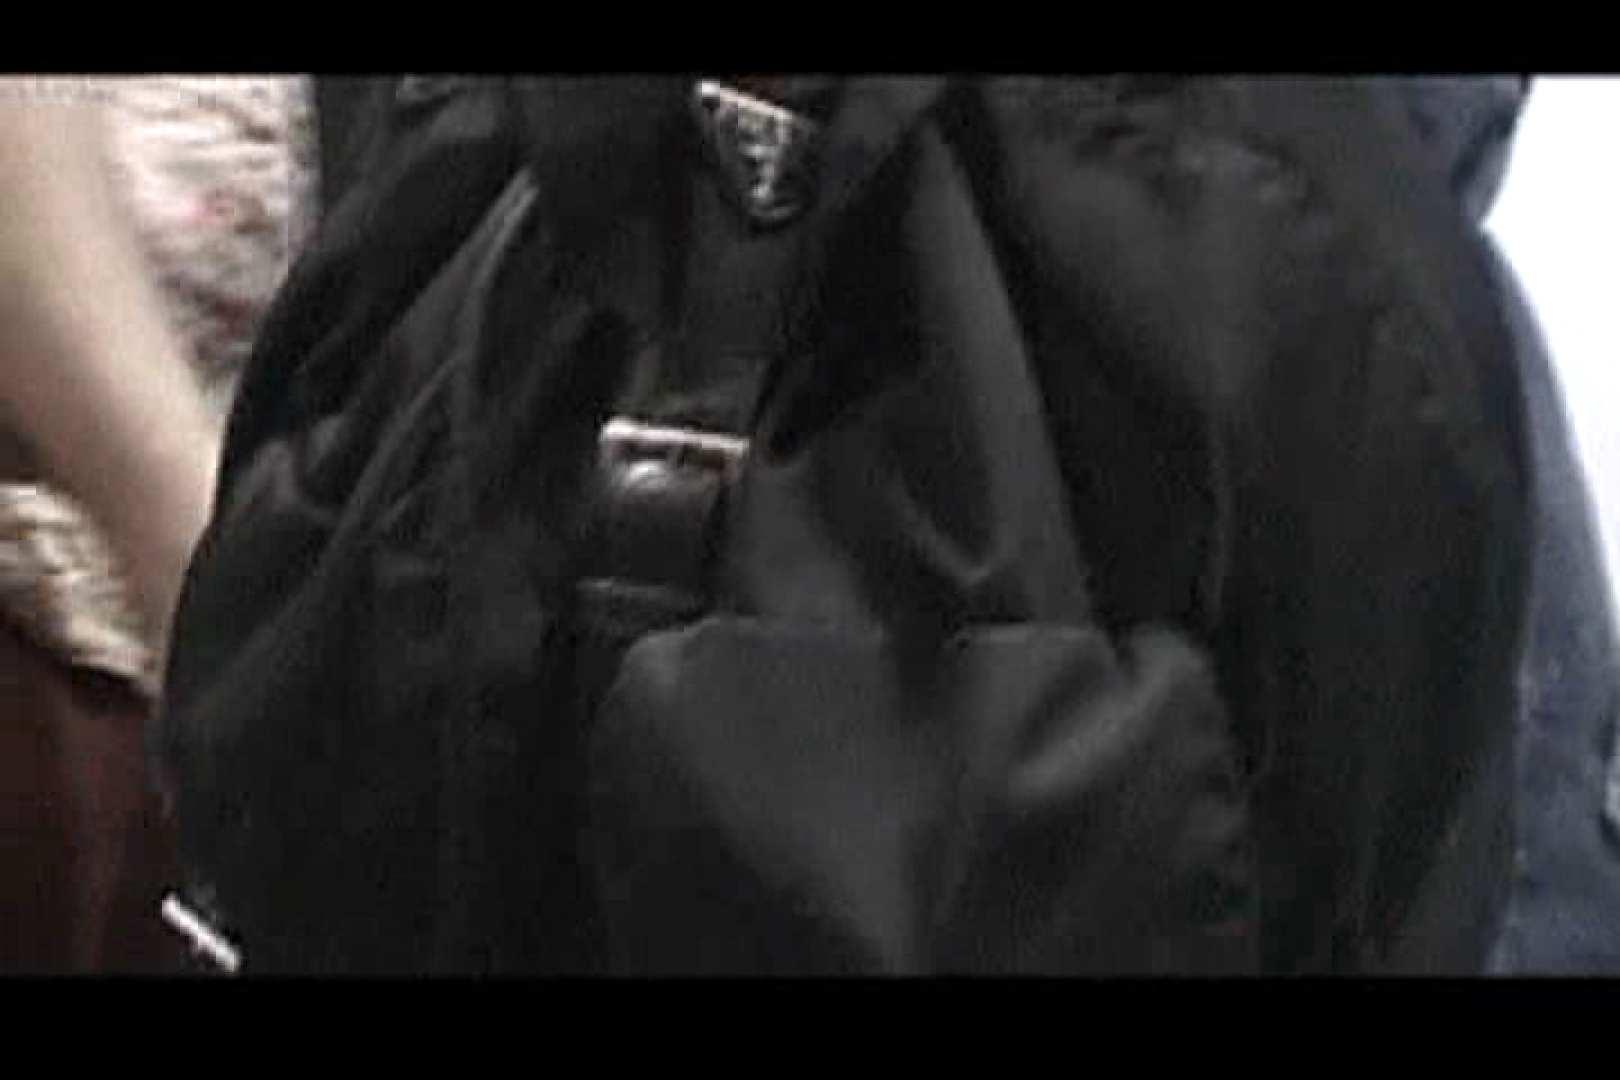 ぶっ掛け電車 只今運行中Vol.6 フェラ おまんこ動画流出 73PICs 53